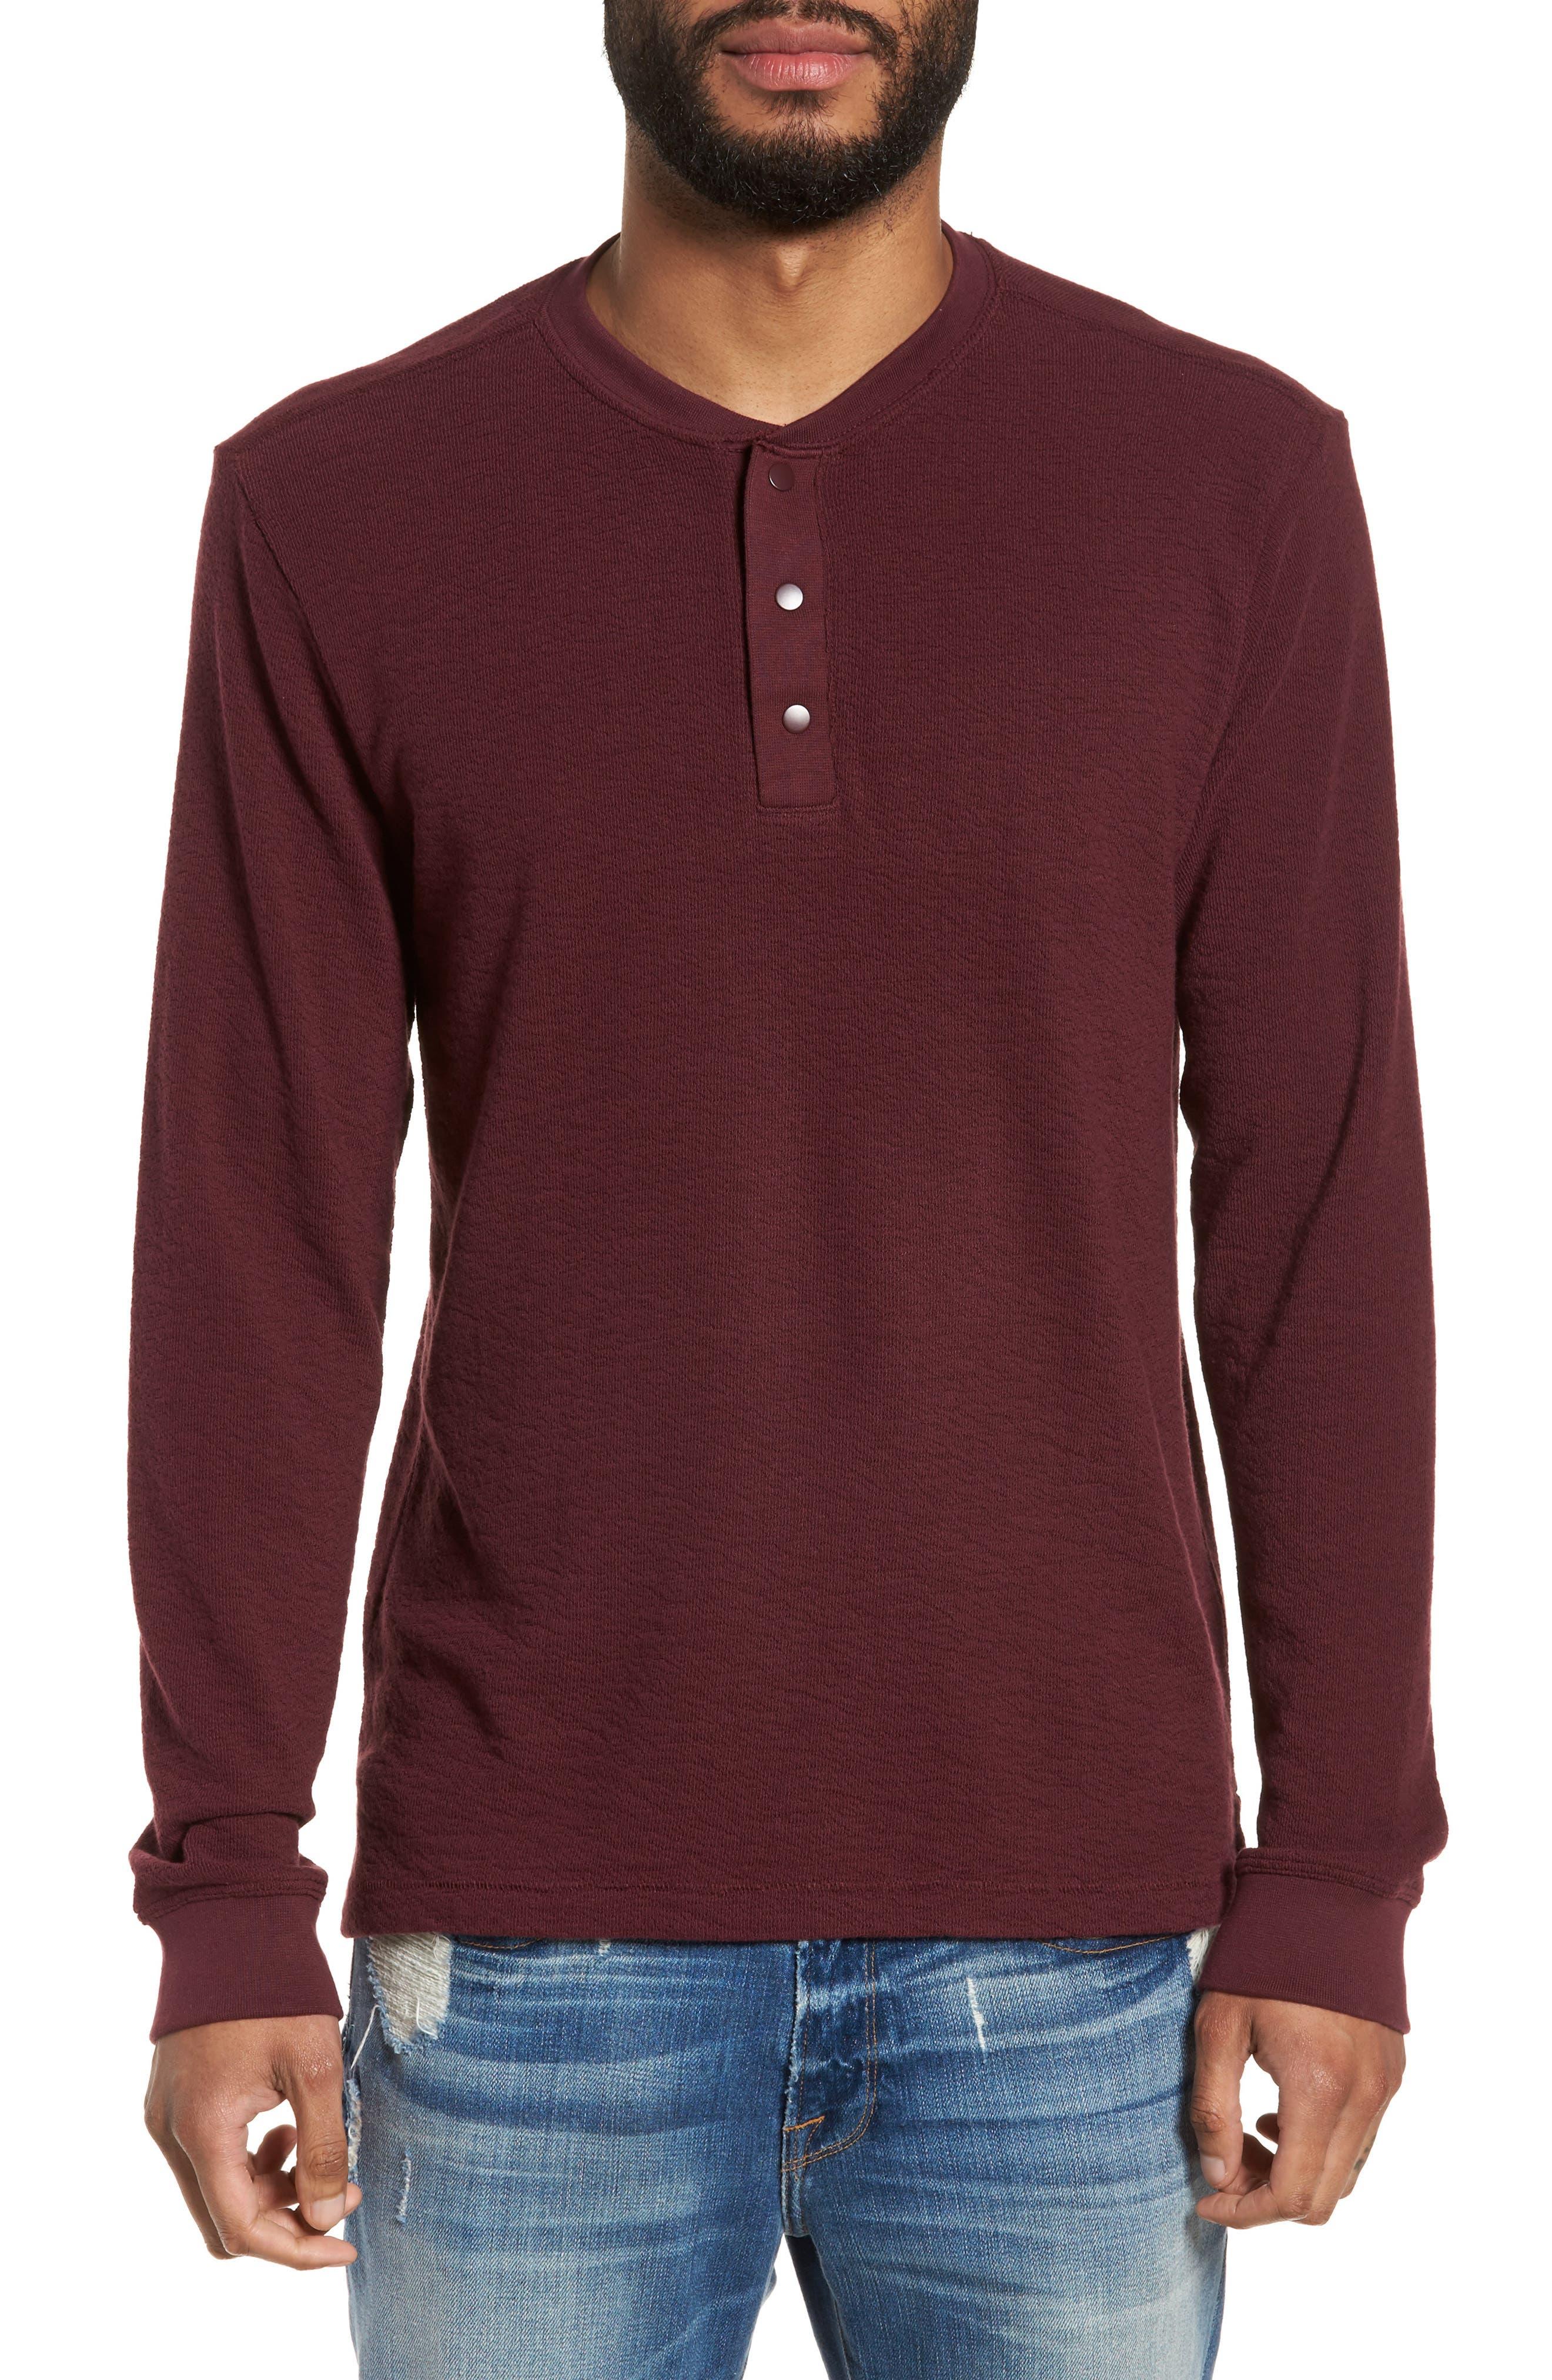 Main Image - Treasure & Bond Canyon Long Sleeve Henley T-Shirt